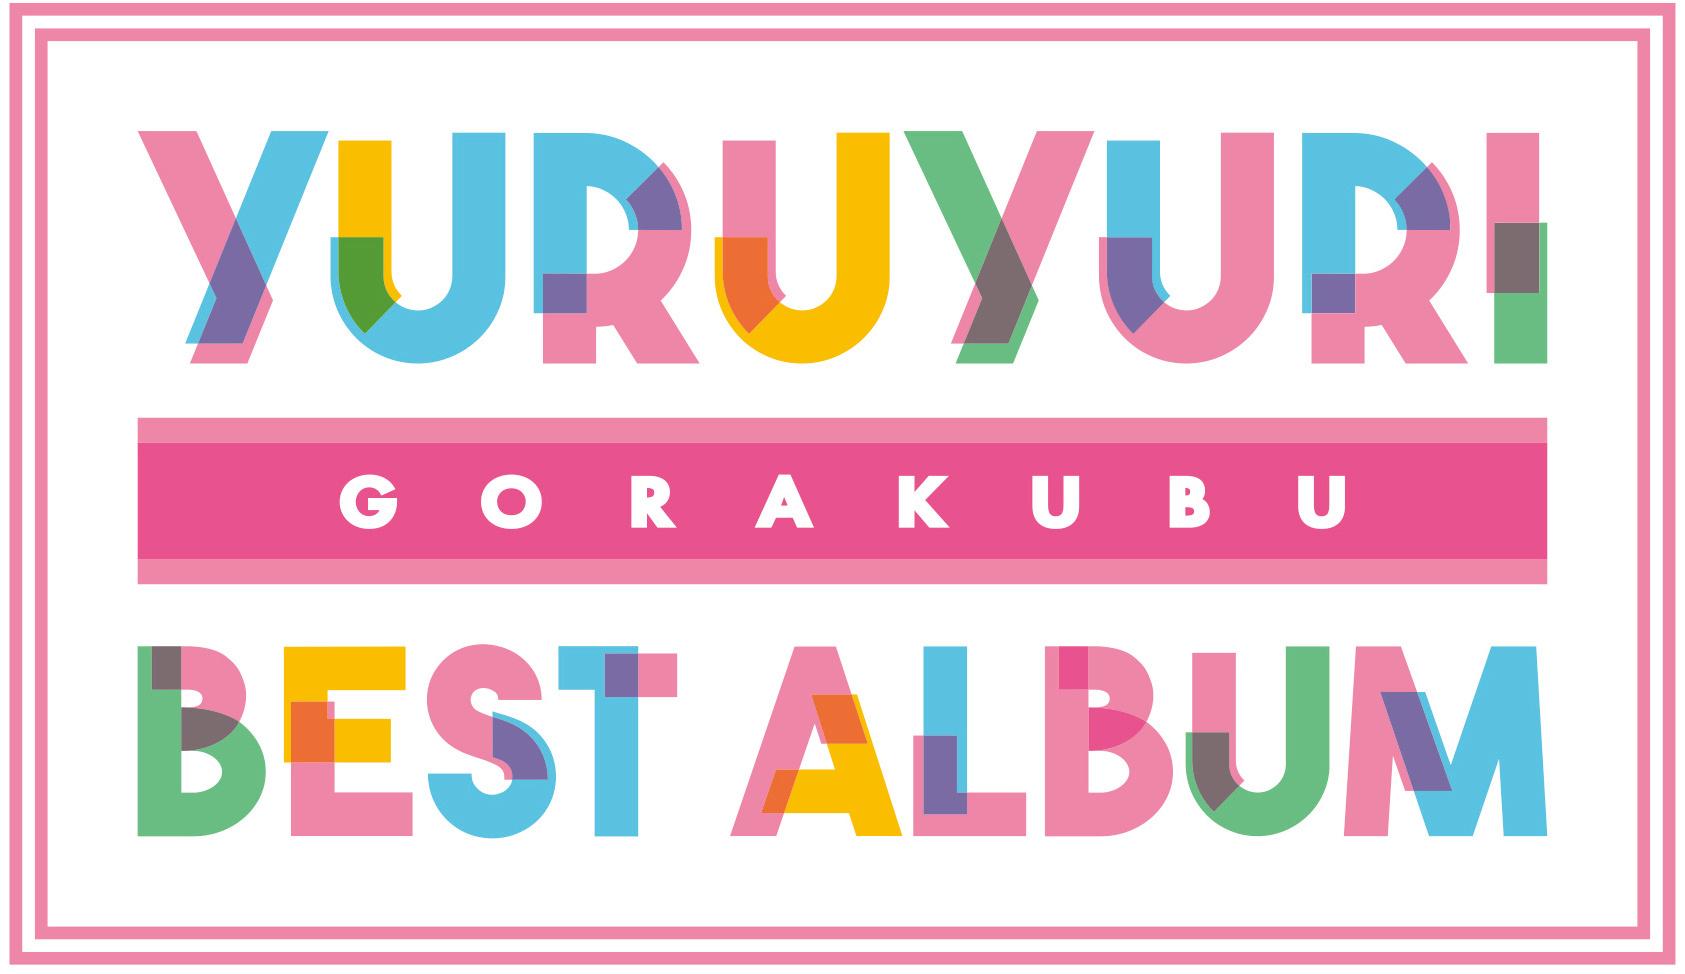 『YURUYURI GORAKUBU BEST ALBUM』ロゴ